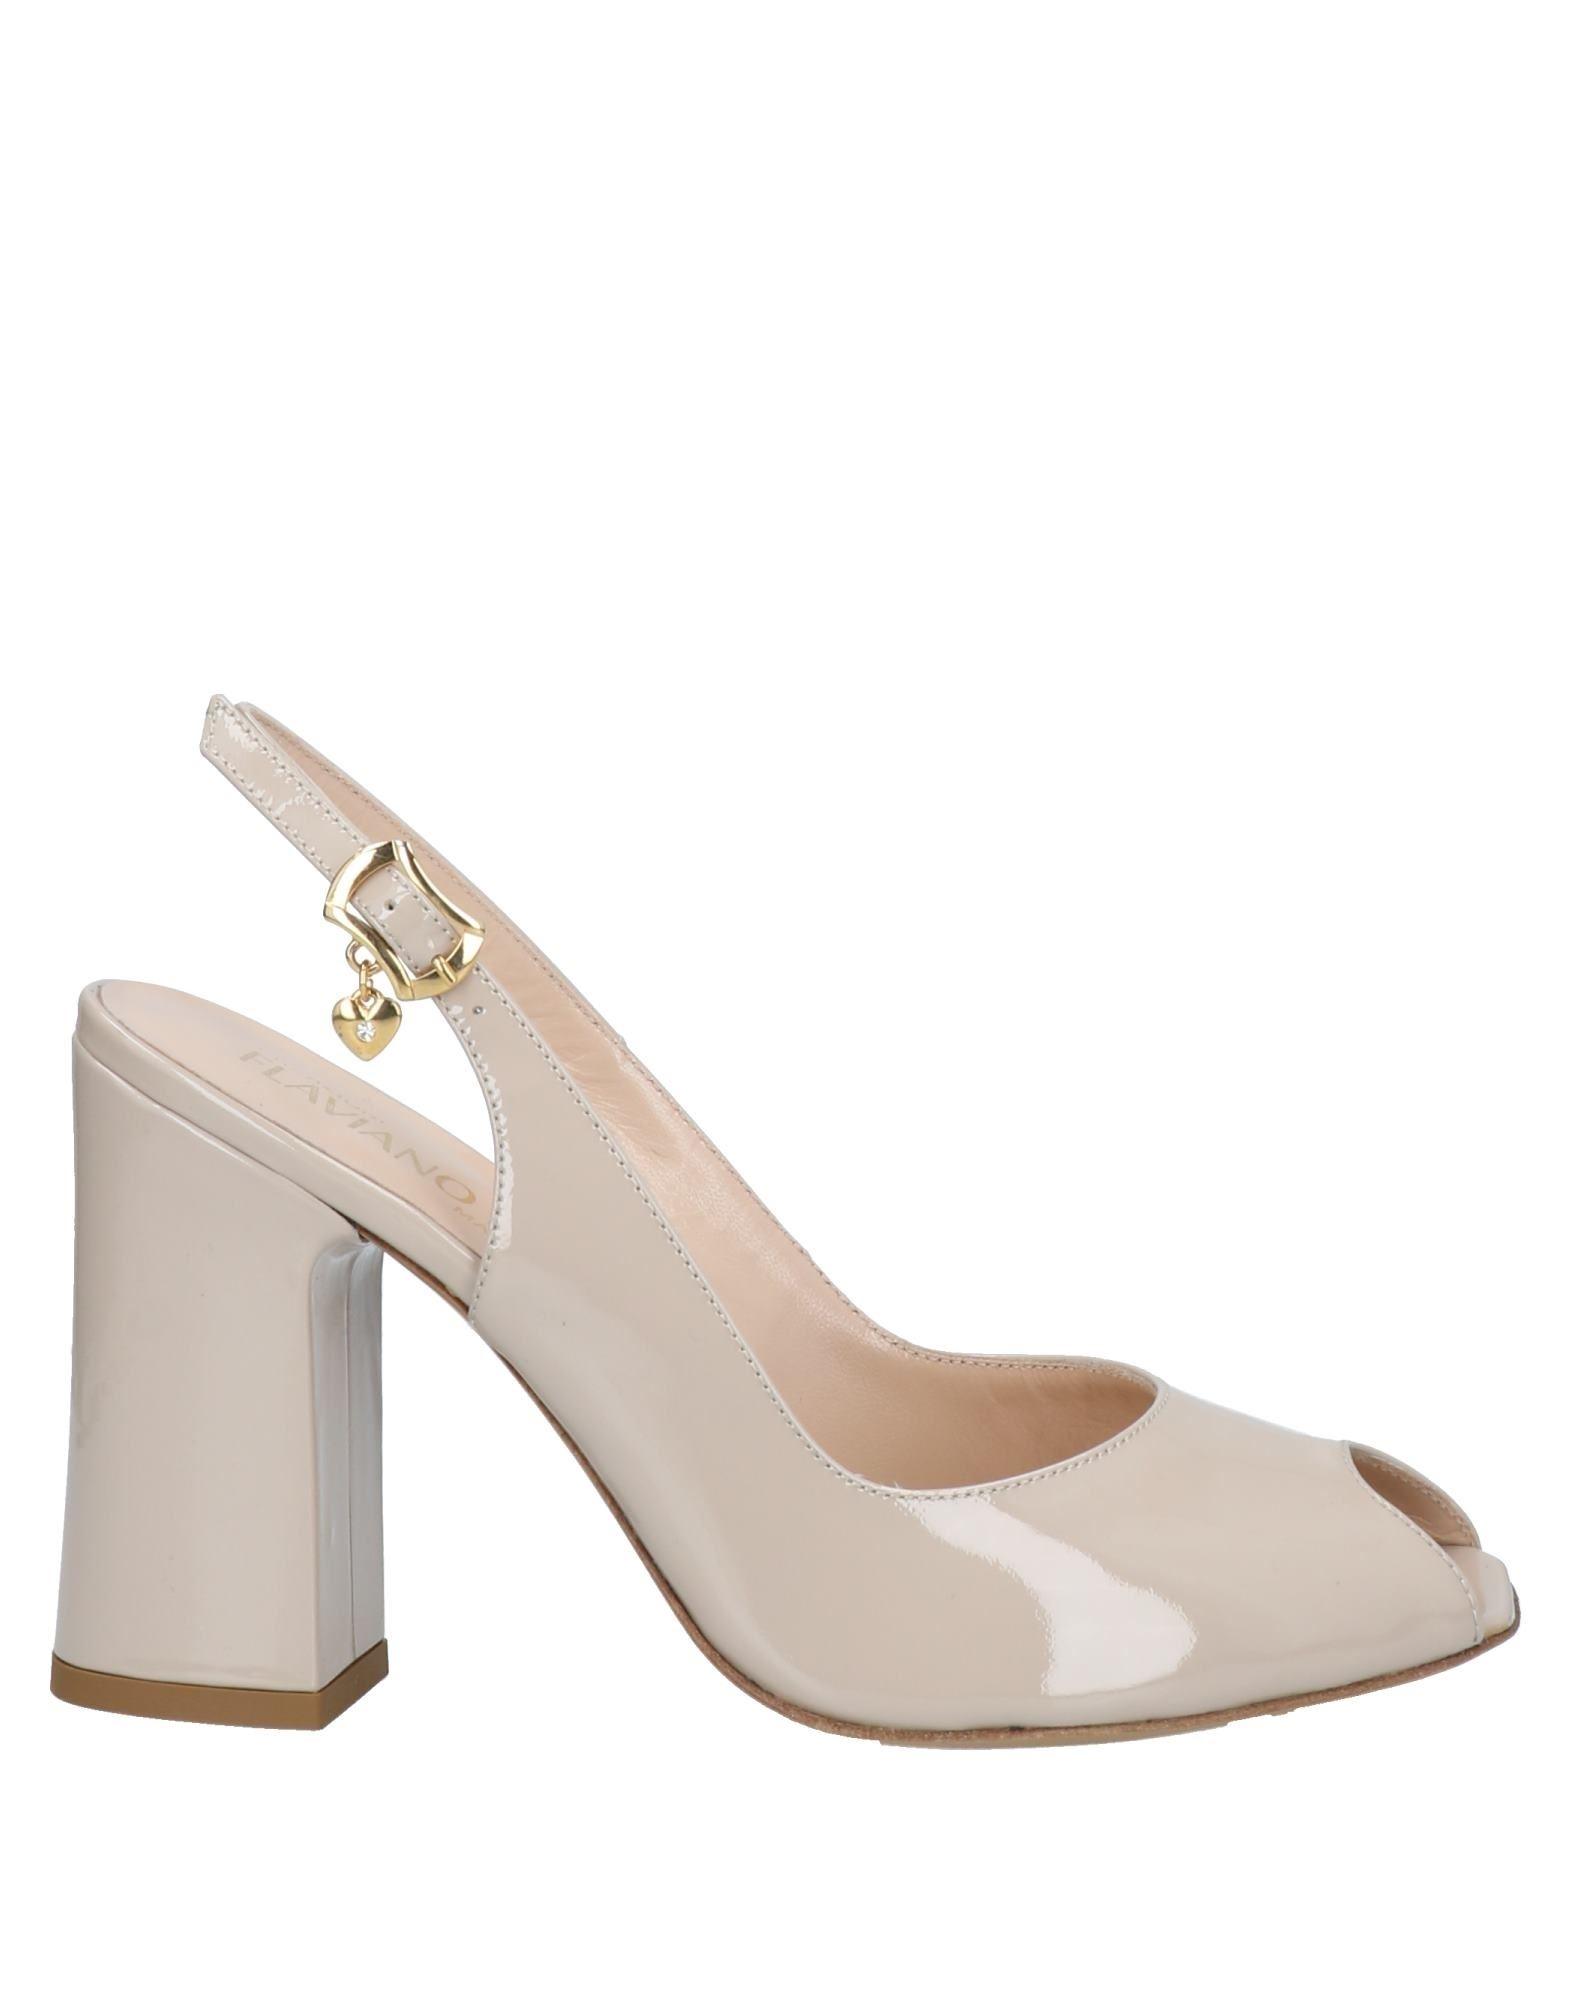 Flaviano Ercoli® Sandals In Beige